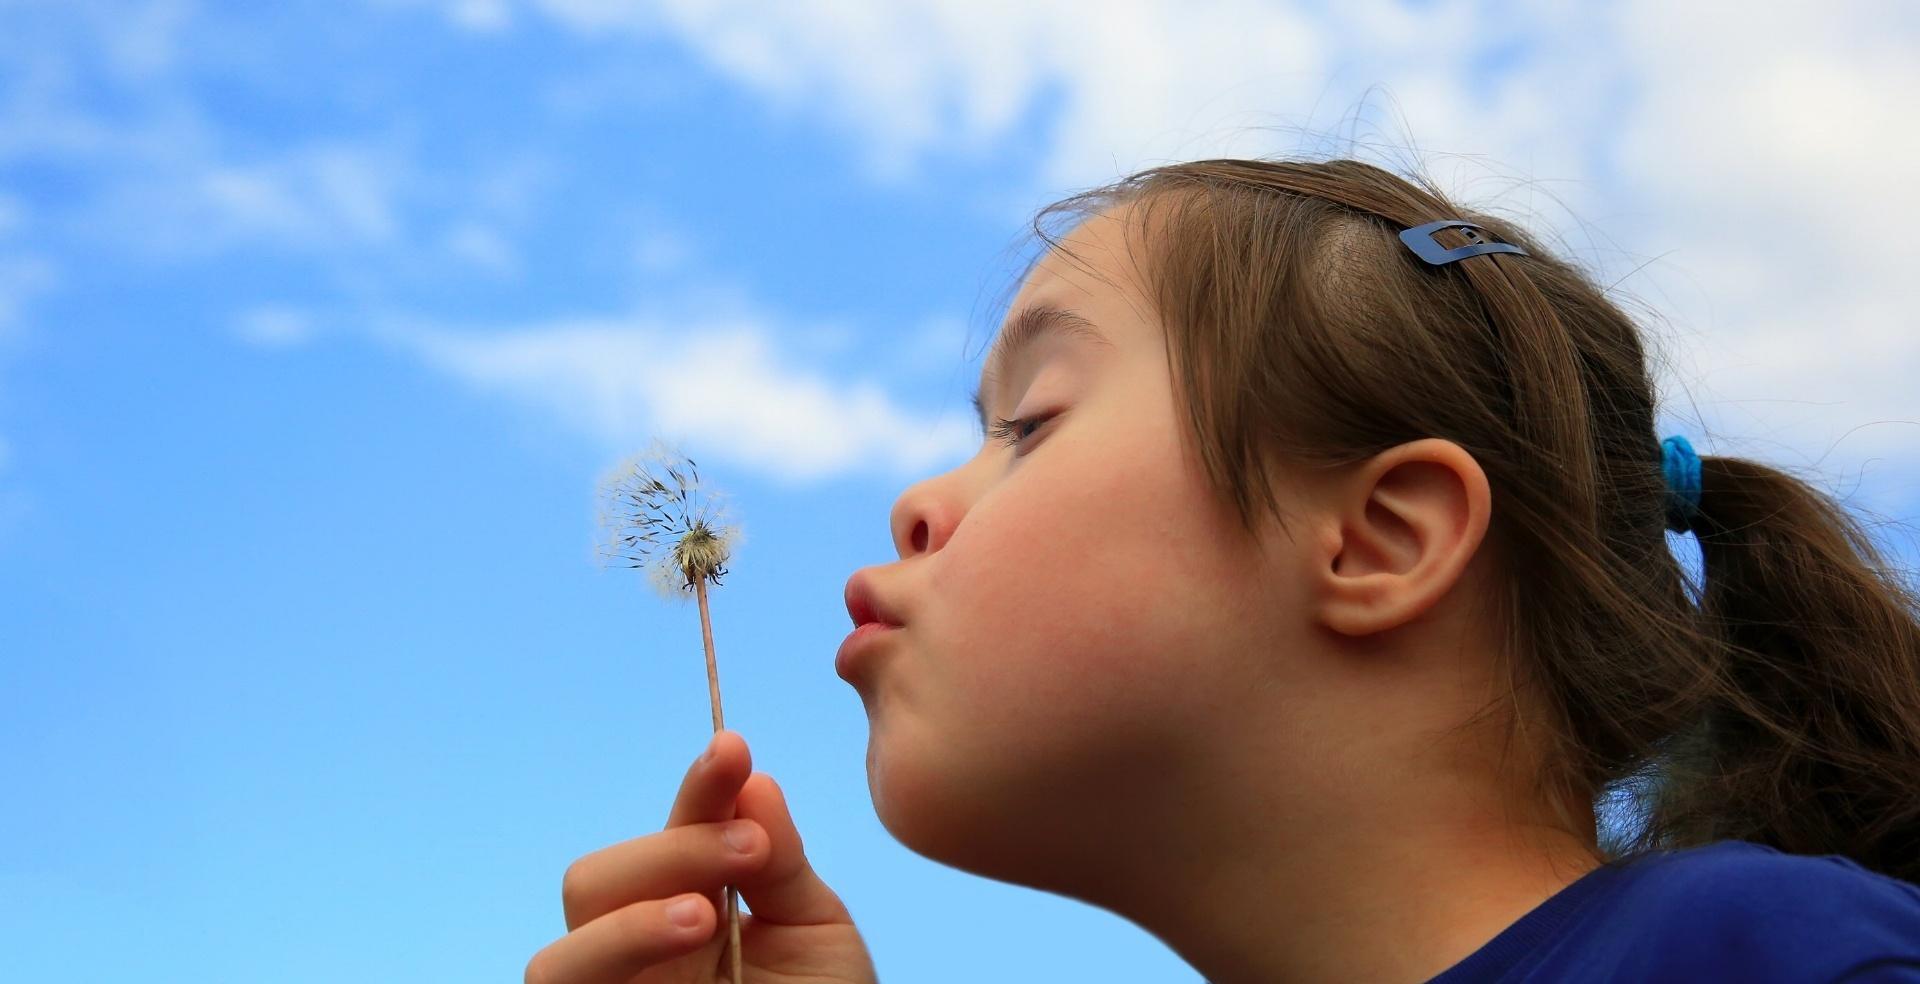 Taustalla kesäinen taivas ja tyttö puhaltelee voikukan haituvia.